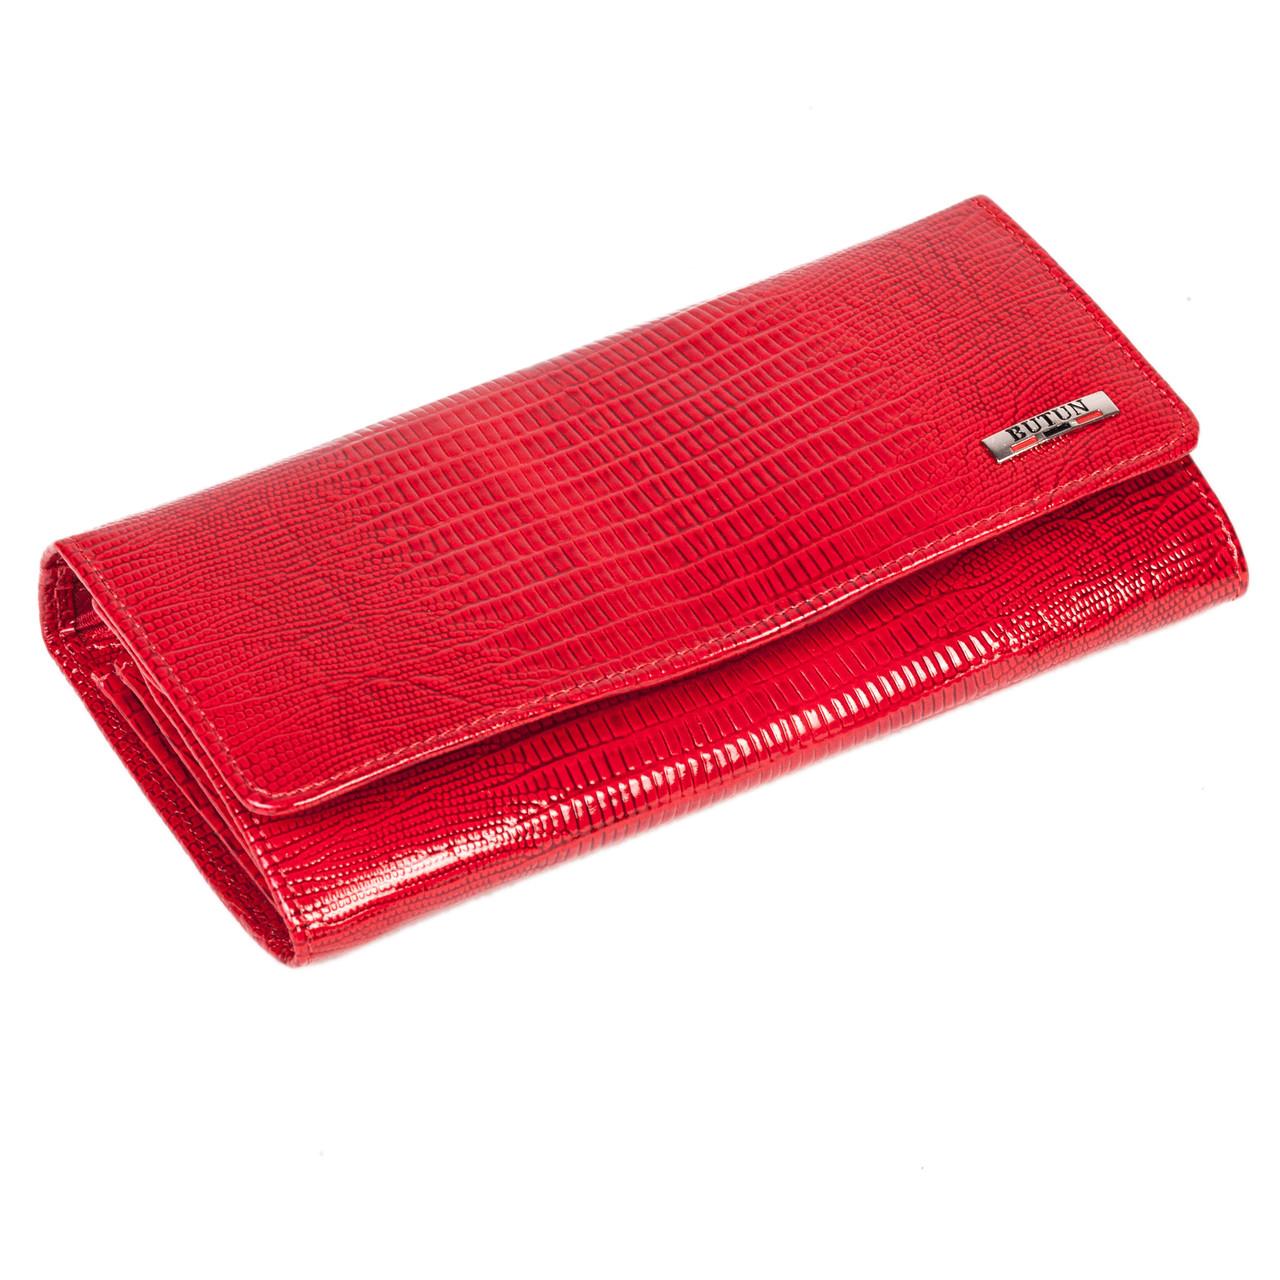 Женский кошелек Butun 592-005-006 кожаный красный